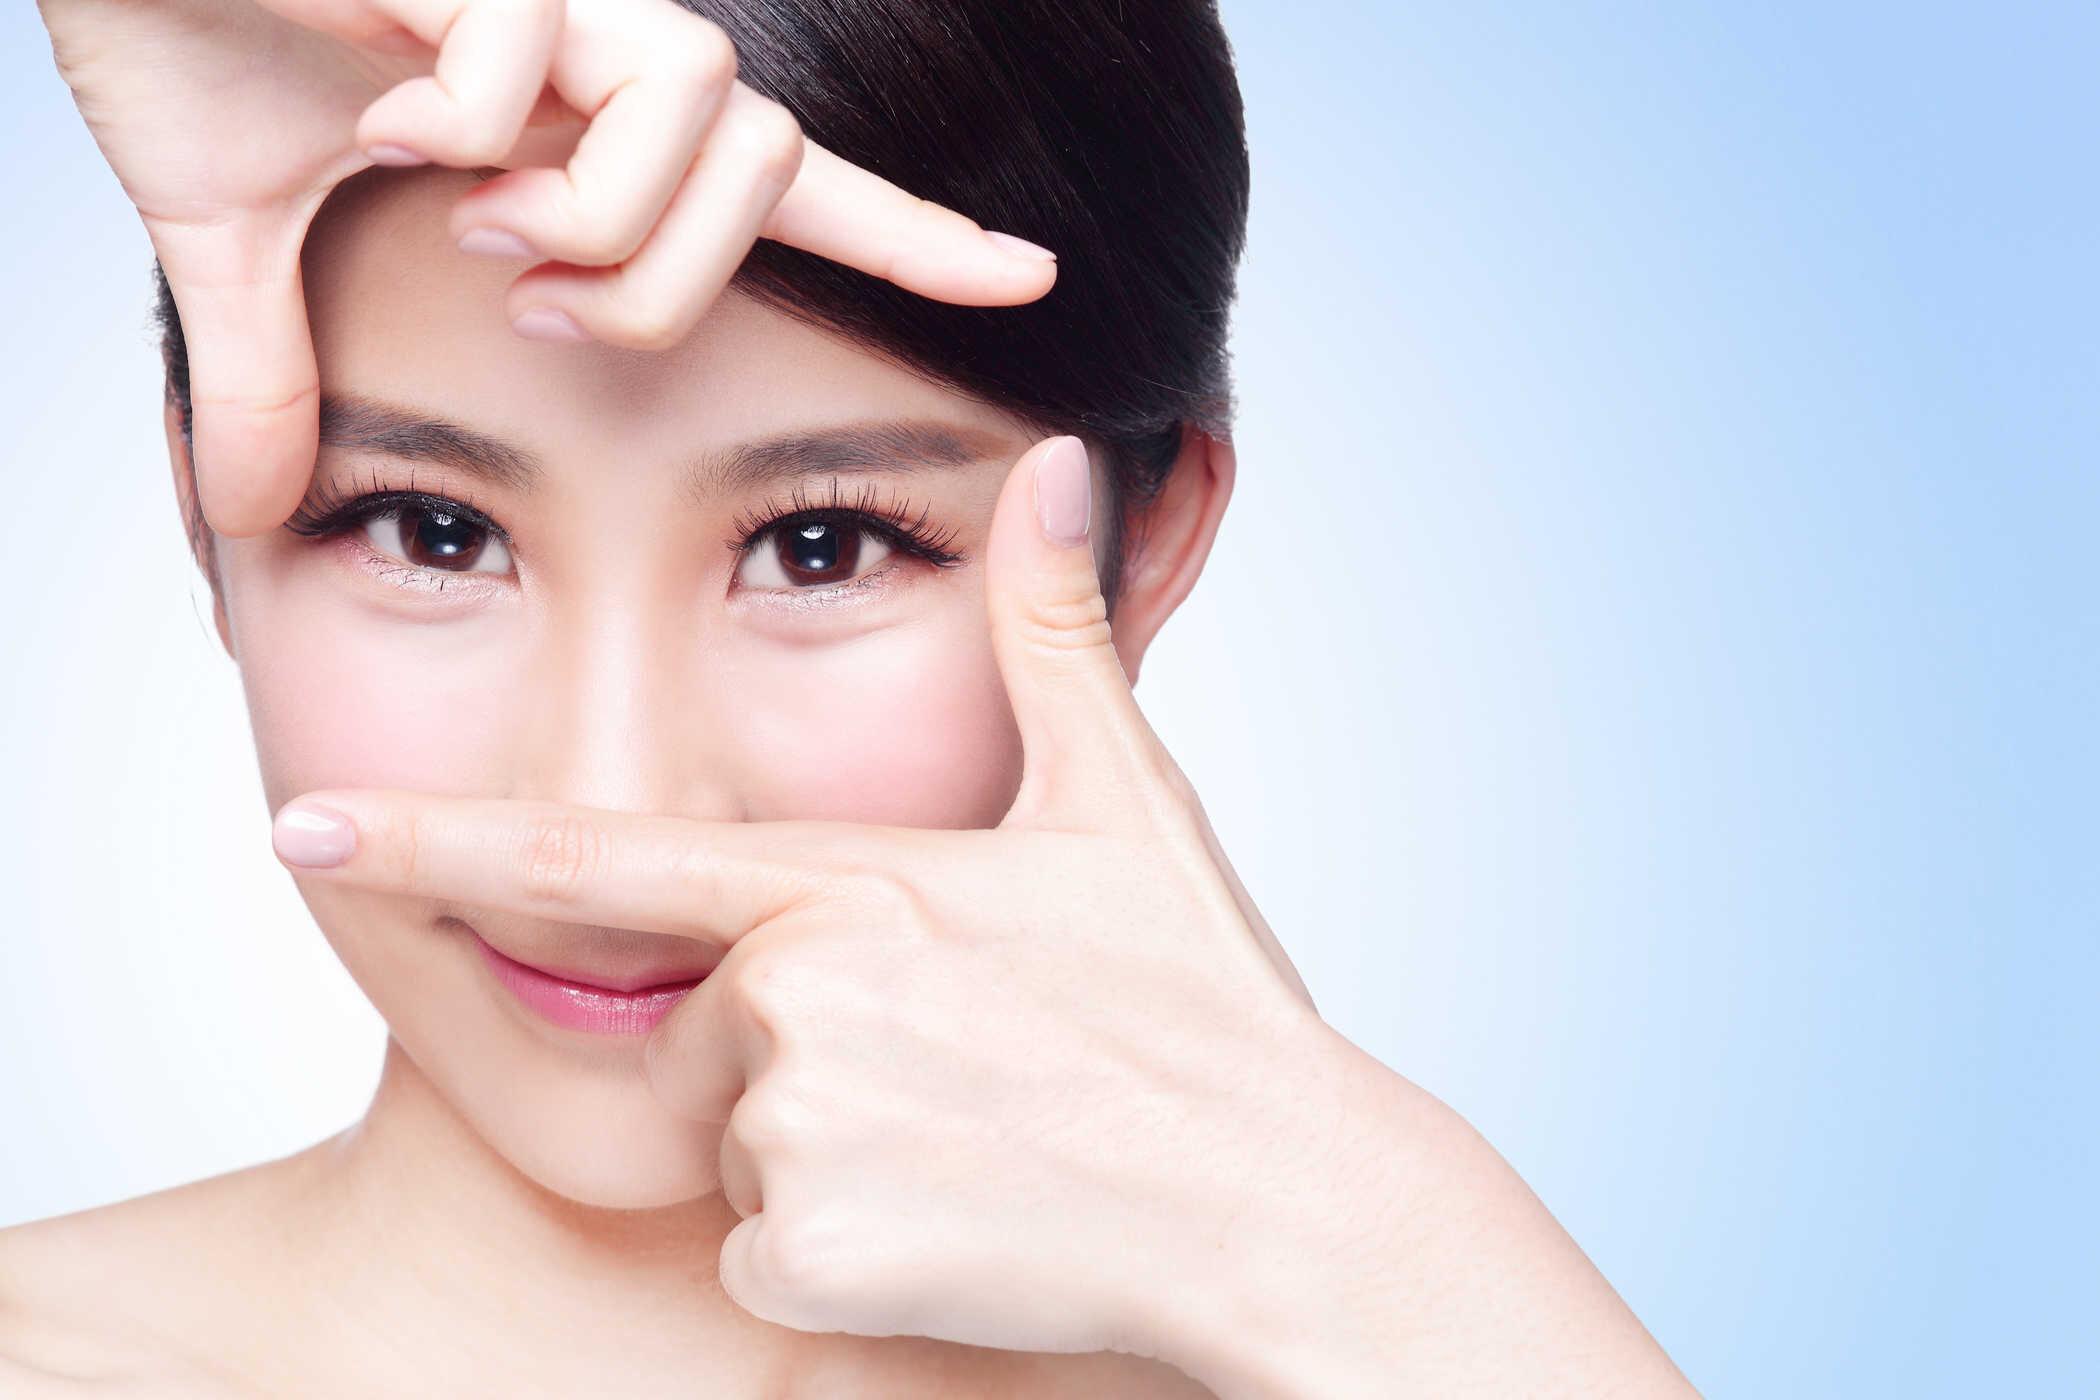 Kem dưỡng mắt phù hợp với độ tuổi 20 trở lên